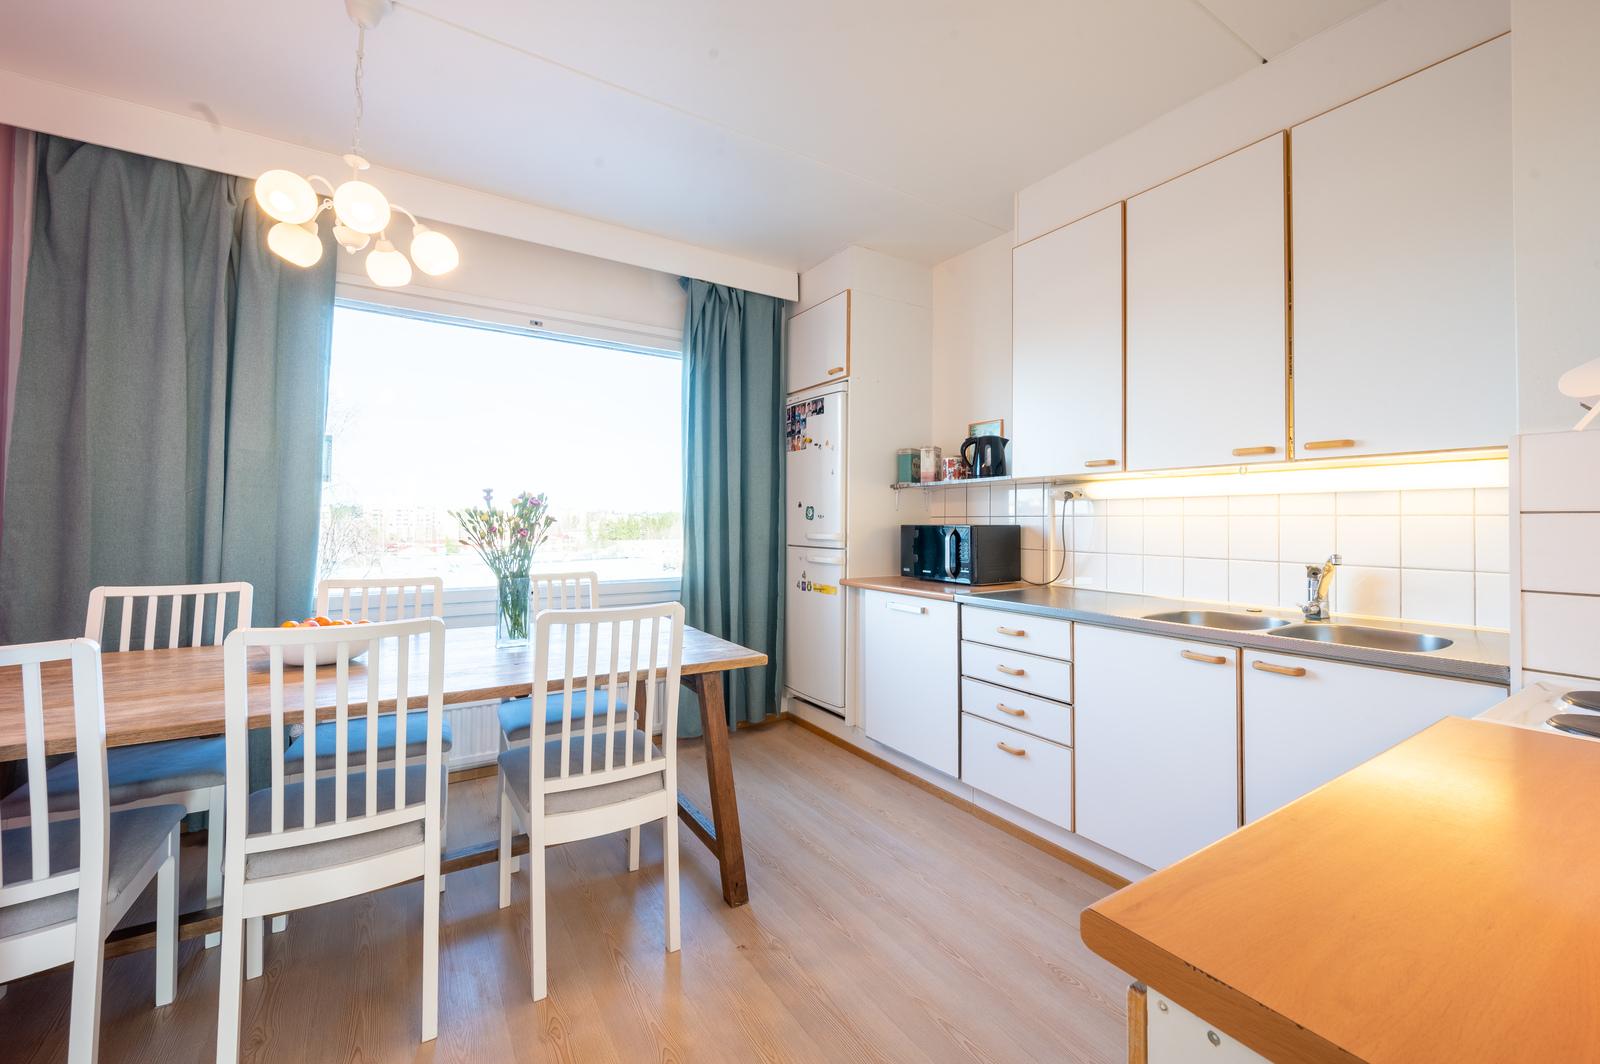 Suvela, Espoon keskus, Espoo